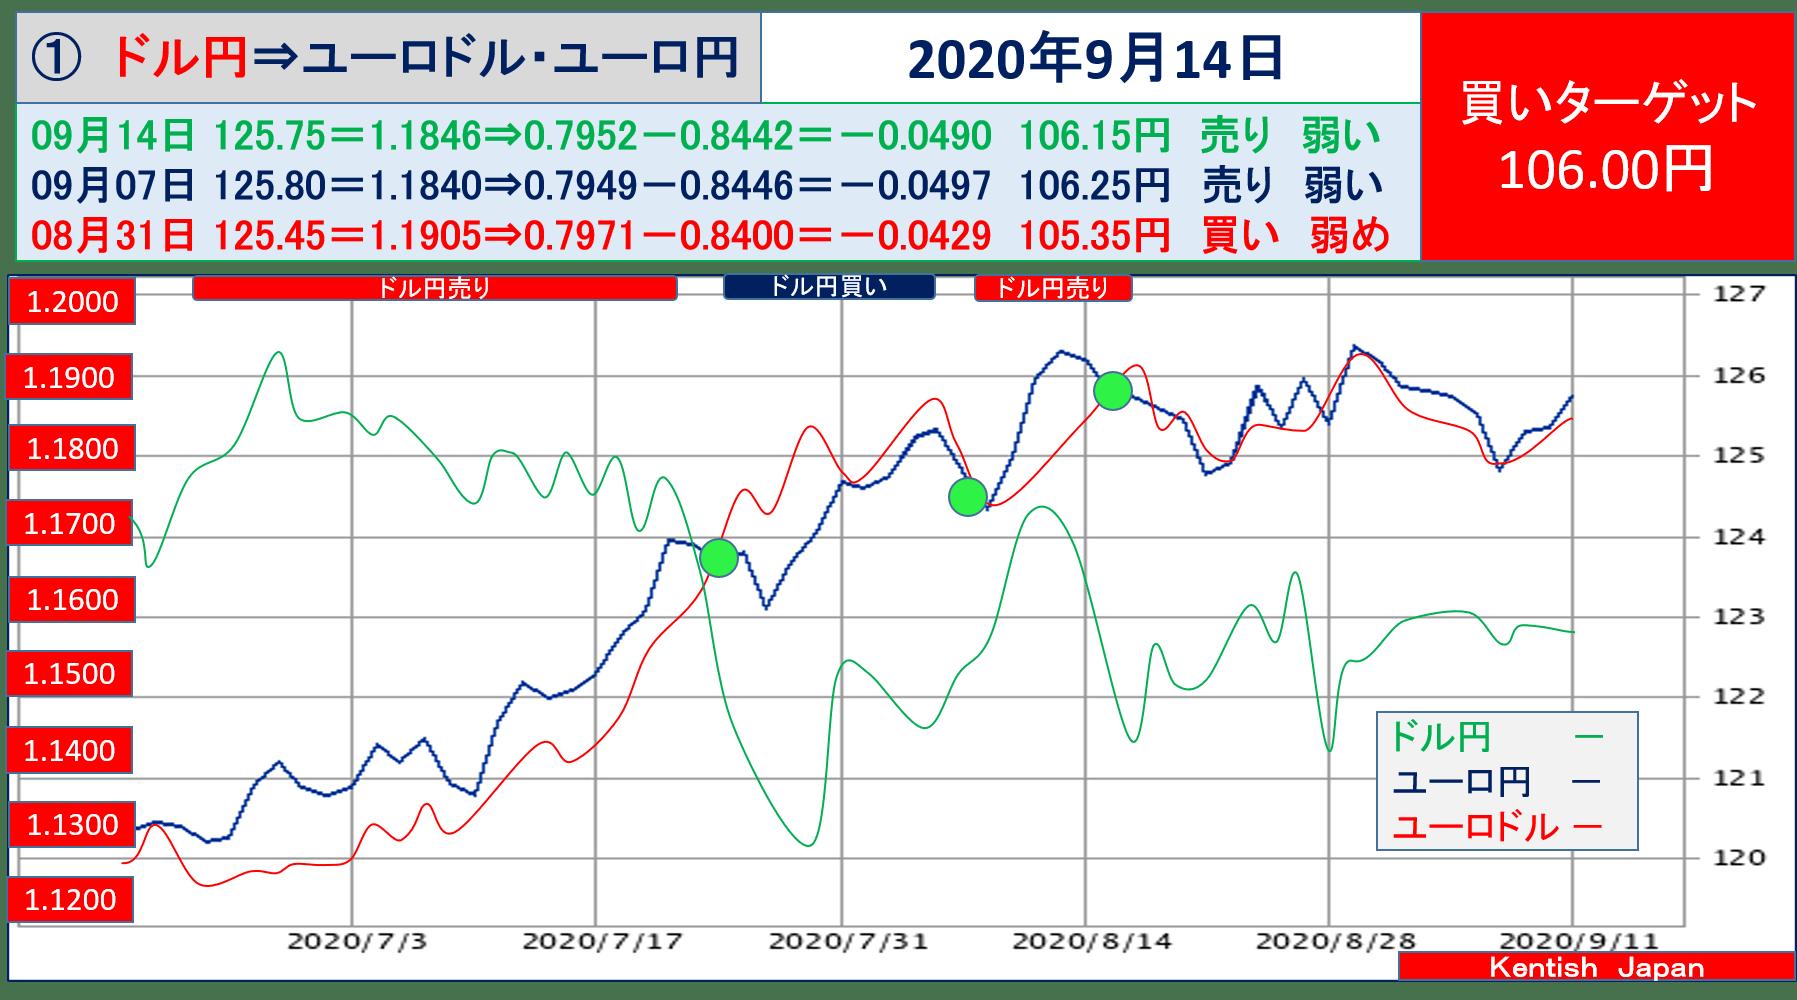 【2020年9月14日週】ドル円⇔ユーロから見るドル円相場(ユーロドル⇔ユーロ円)